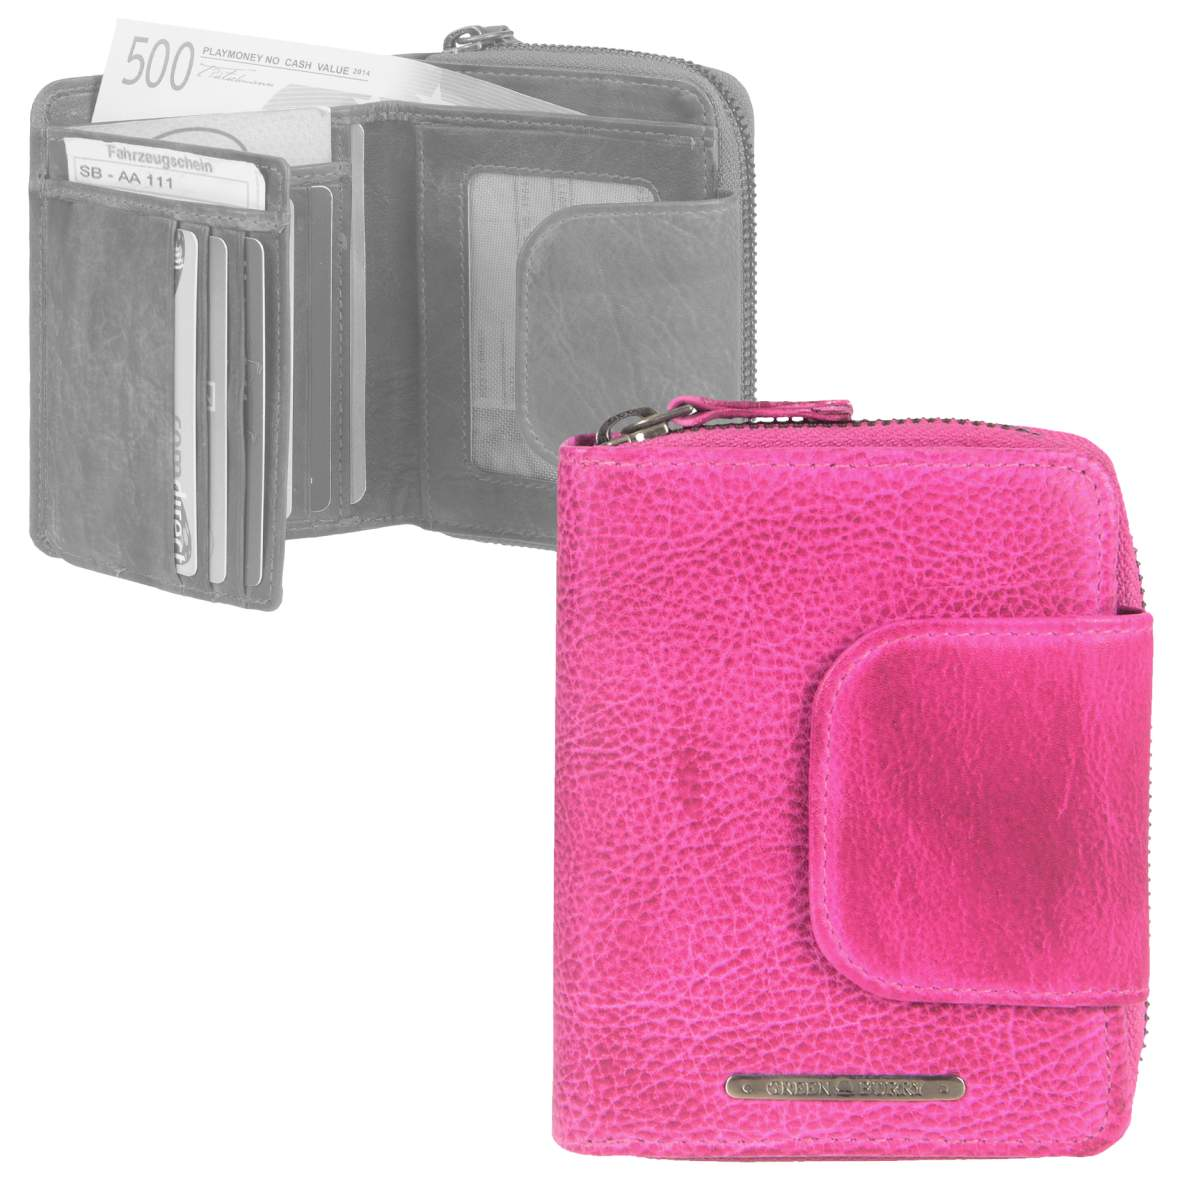 224baab11d606 Das Bild wird geladen Geldboerse-Leder-pink-Damenboerse-Geldbeutel- Portemonnaie-Greenburry-Dirty-